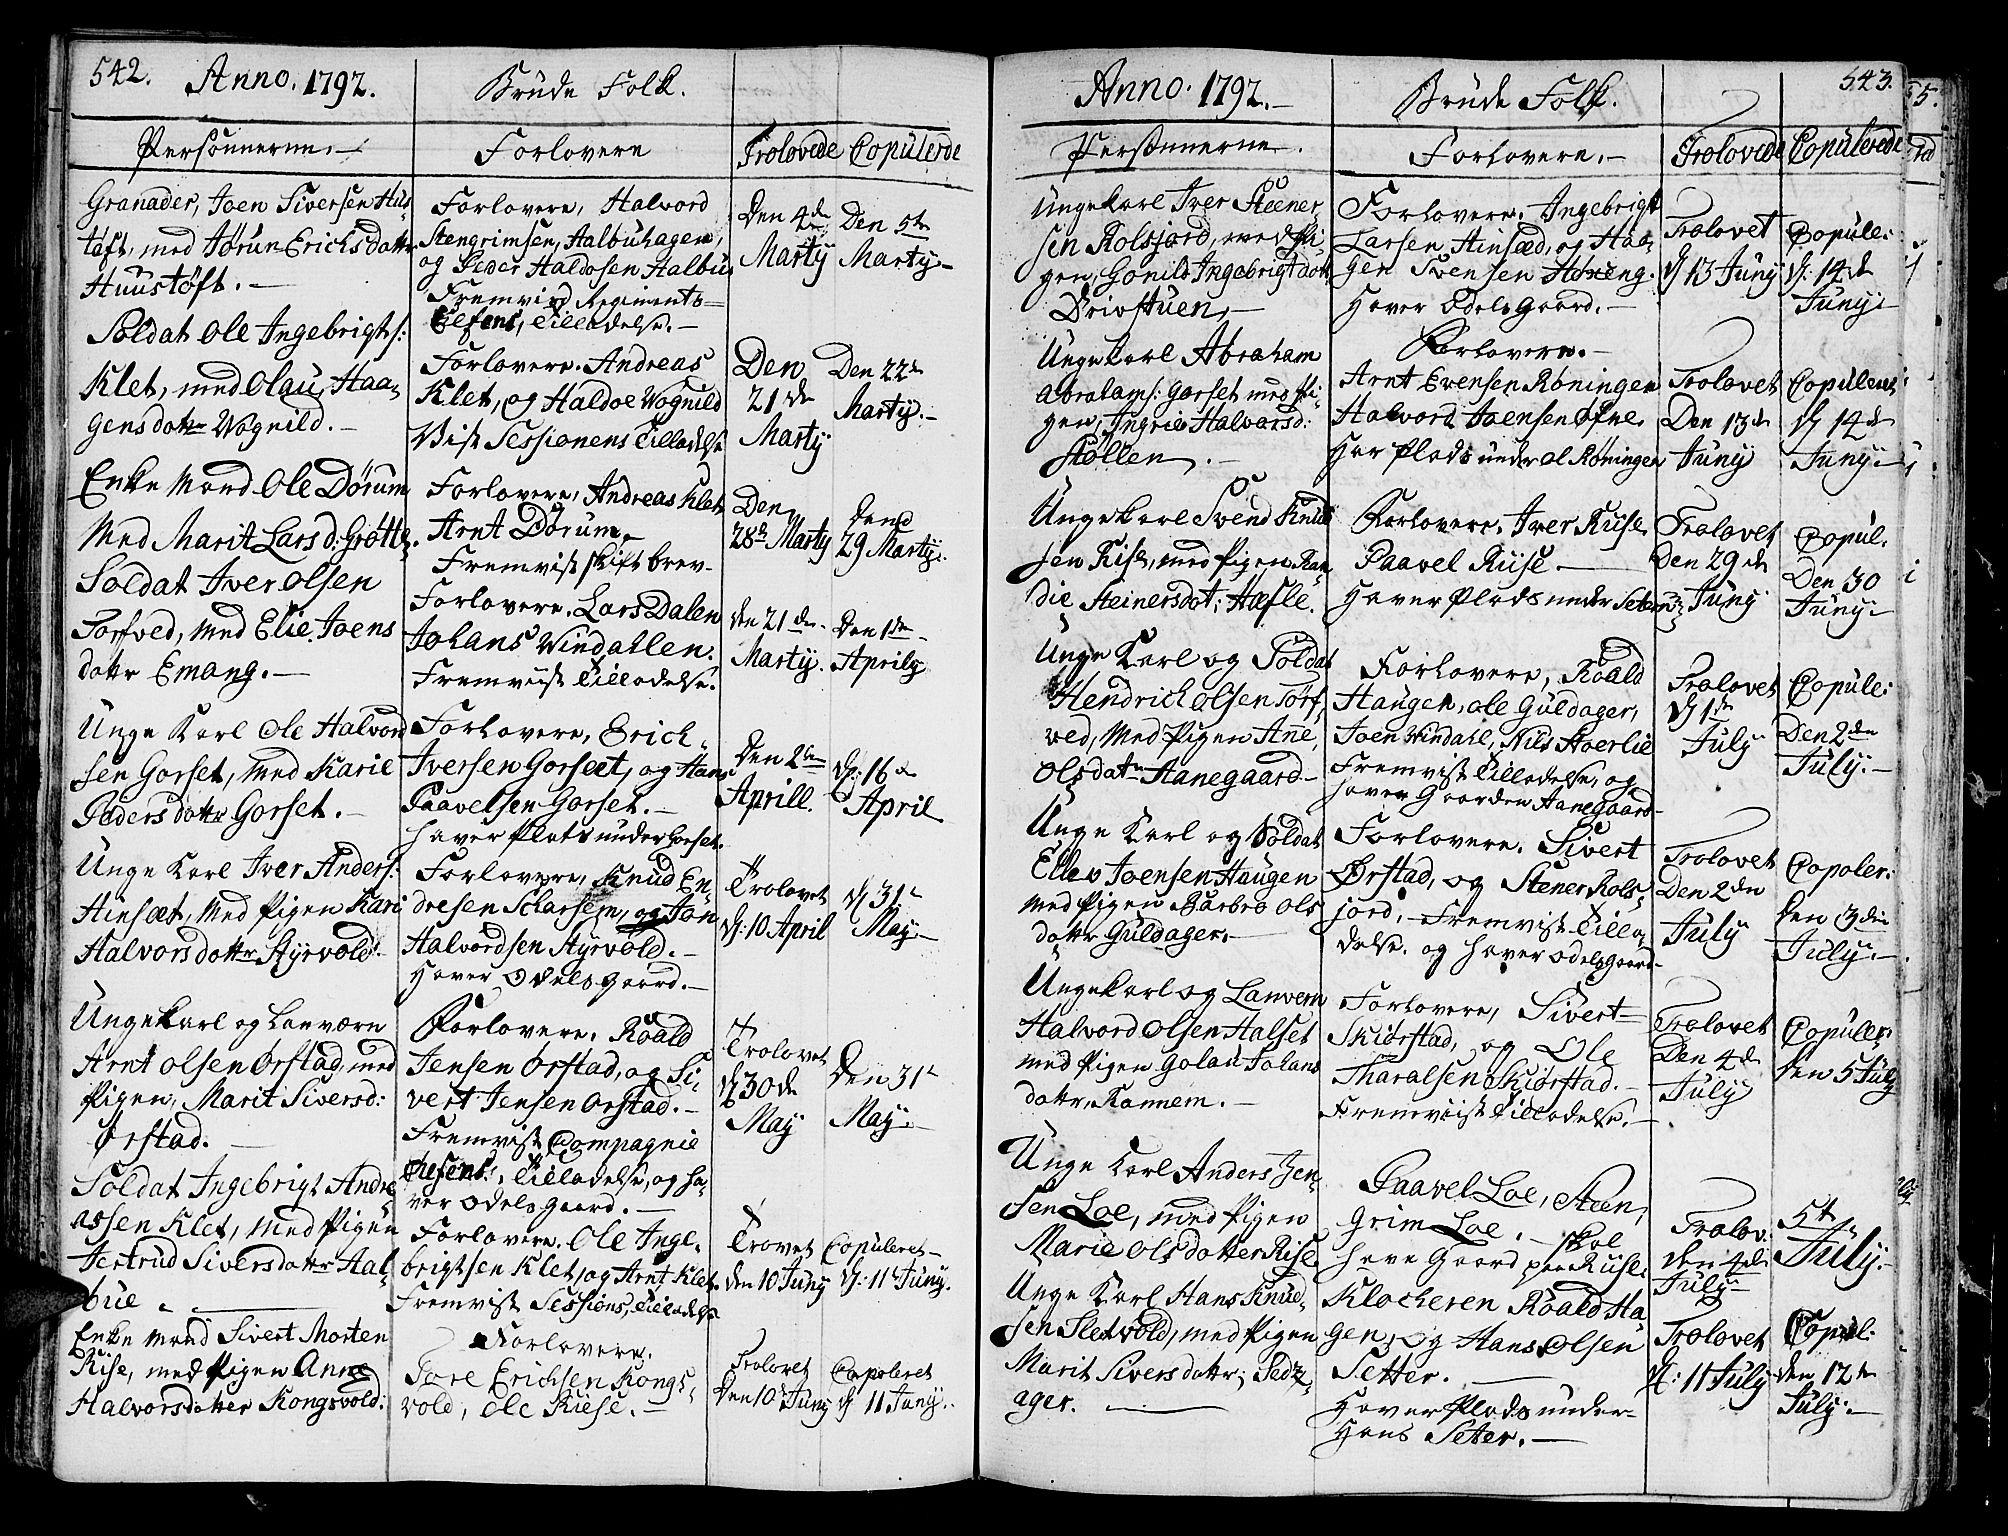 SAT, Ministerialprotokoller, klokkerbøker og fødselsregistre - Sør-Trøndelag, 678/L0893: Ministerialbok nr. 678A03, 1792-1805, s. 542-543